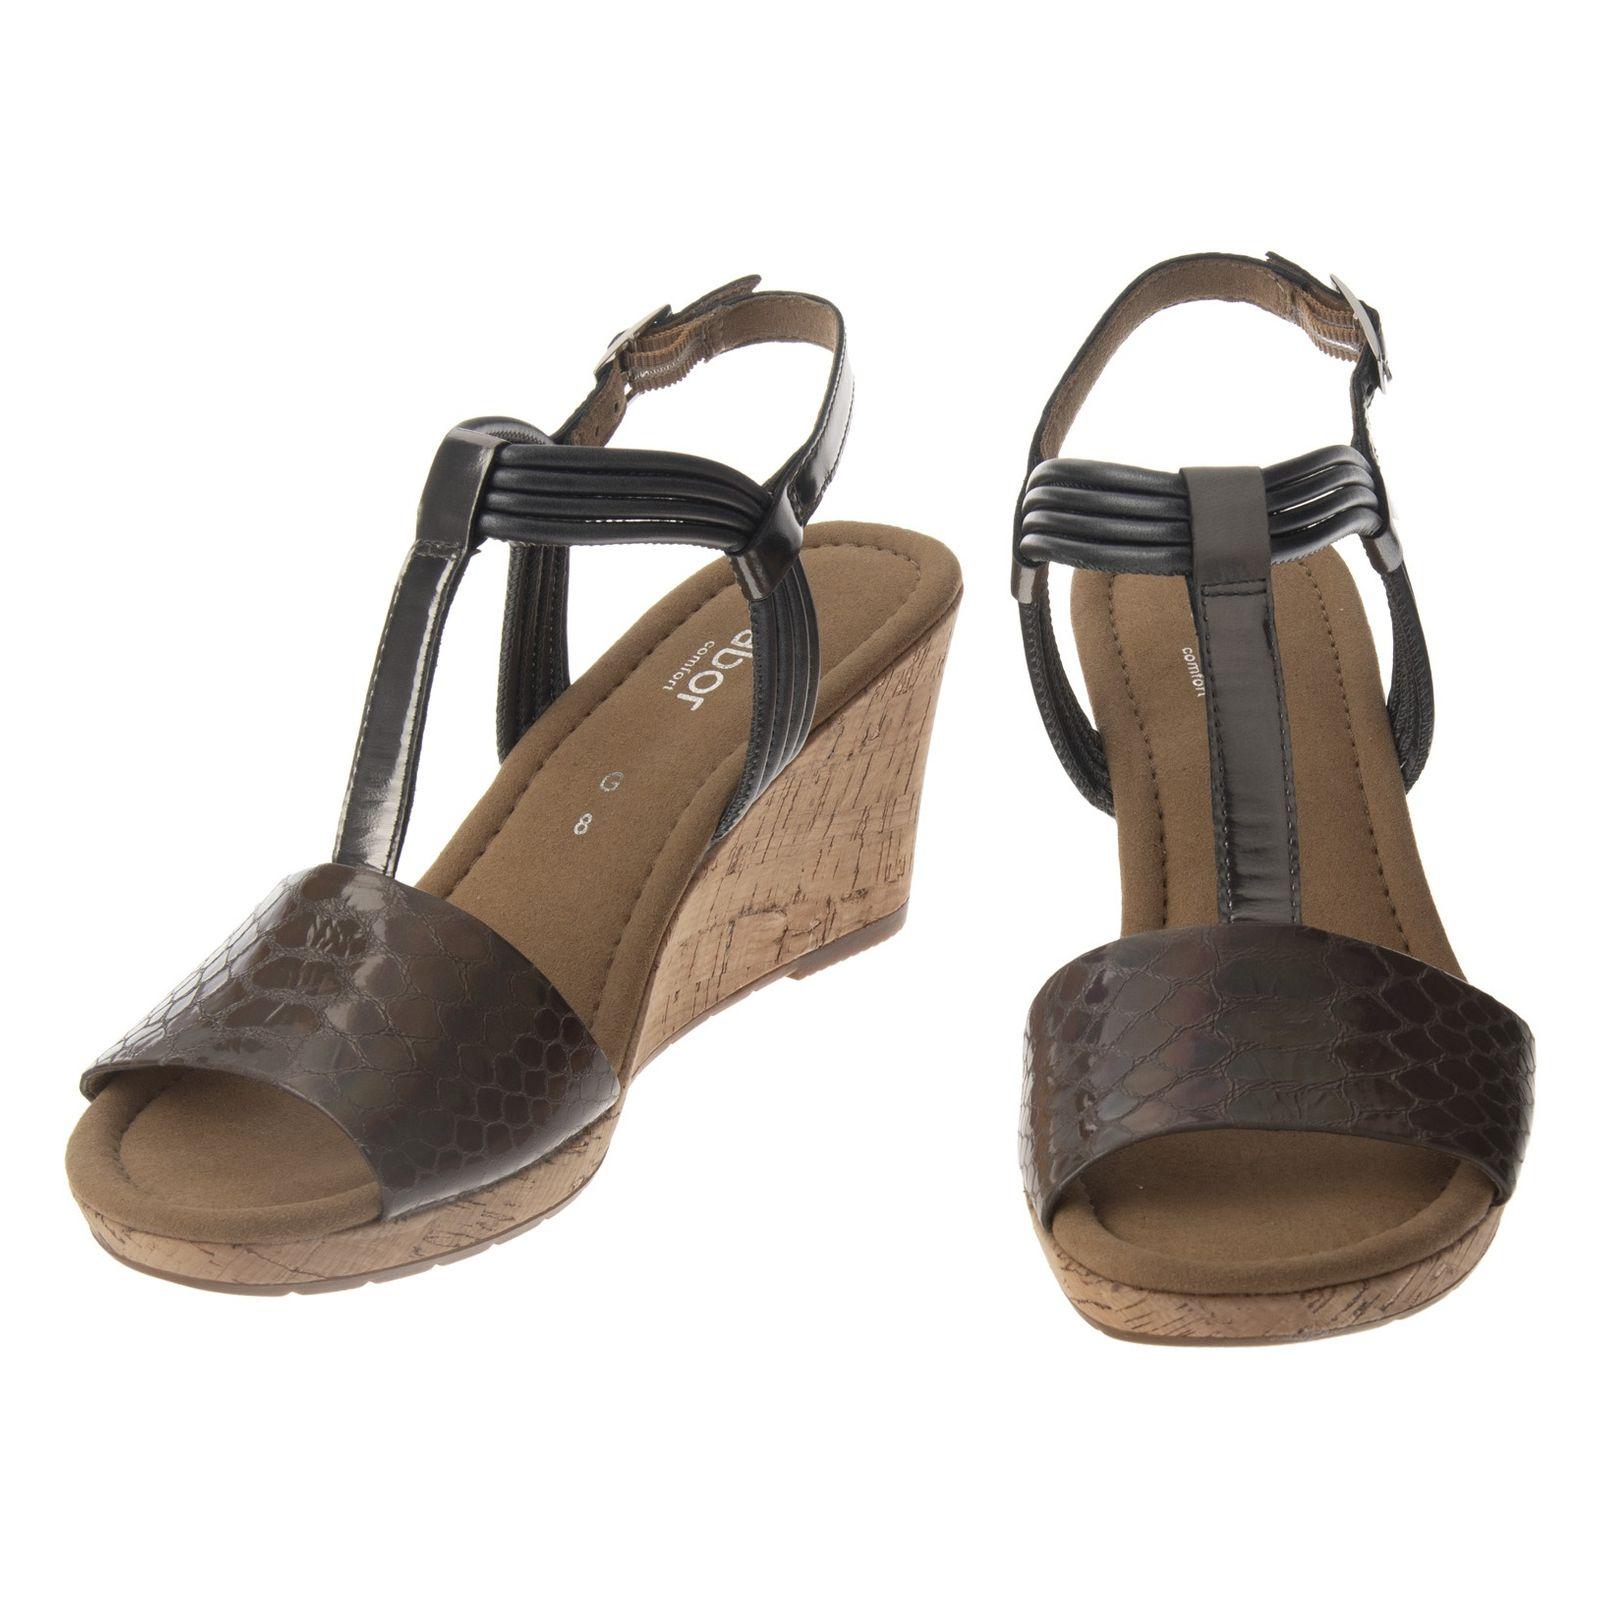 کفش زنانه گابور مدل 62.828.85 main 1 3